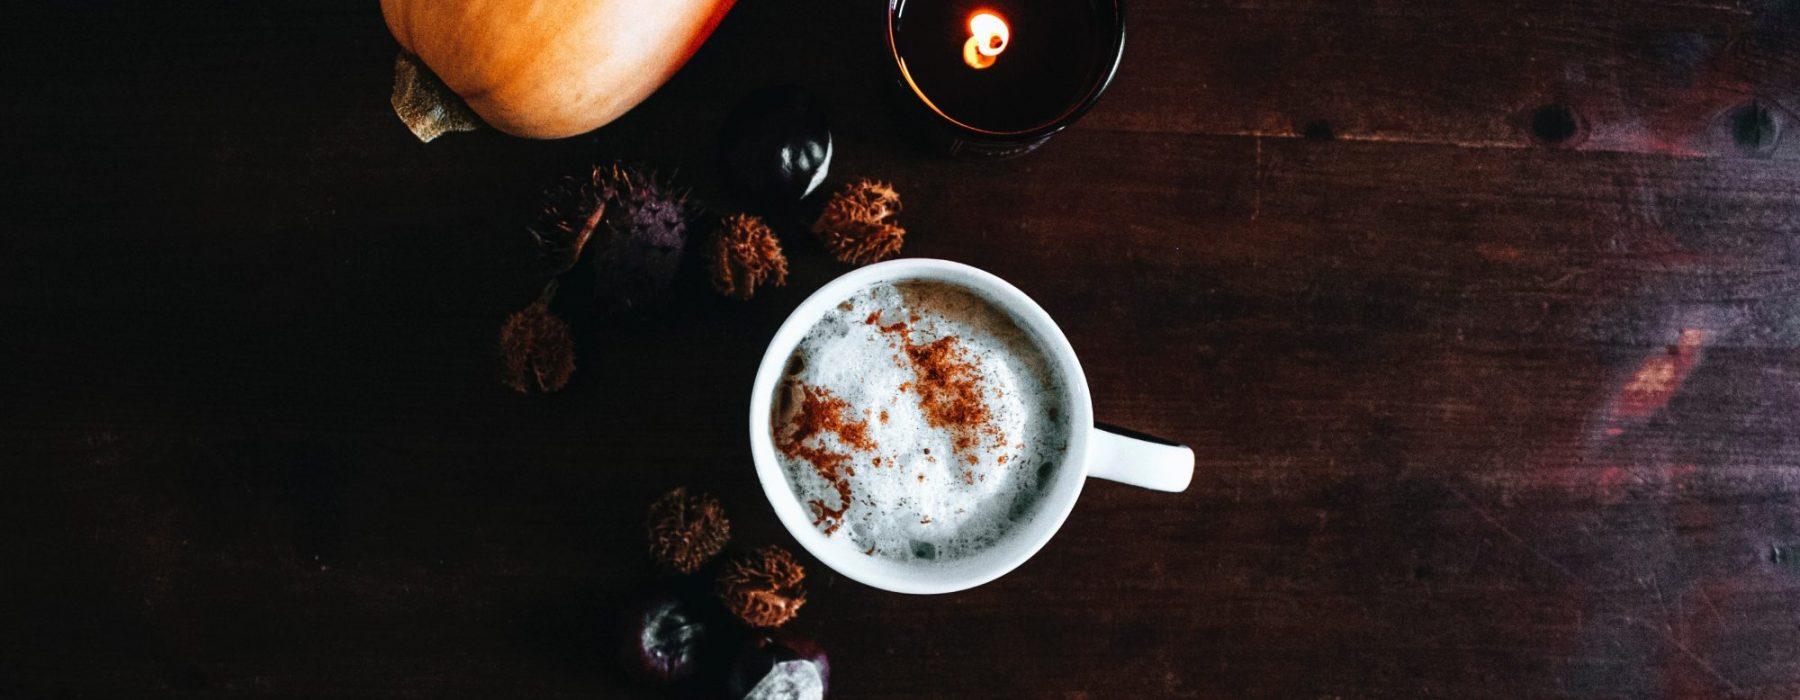 Podano do łóżka#108: Świat bez kawy? Dzięki, nie